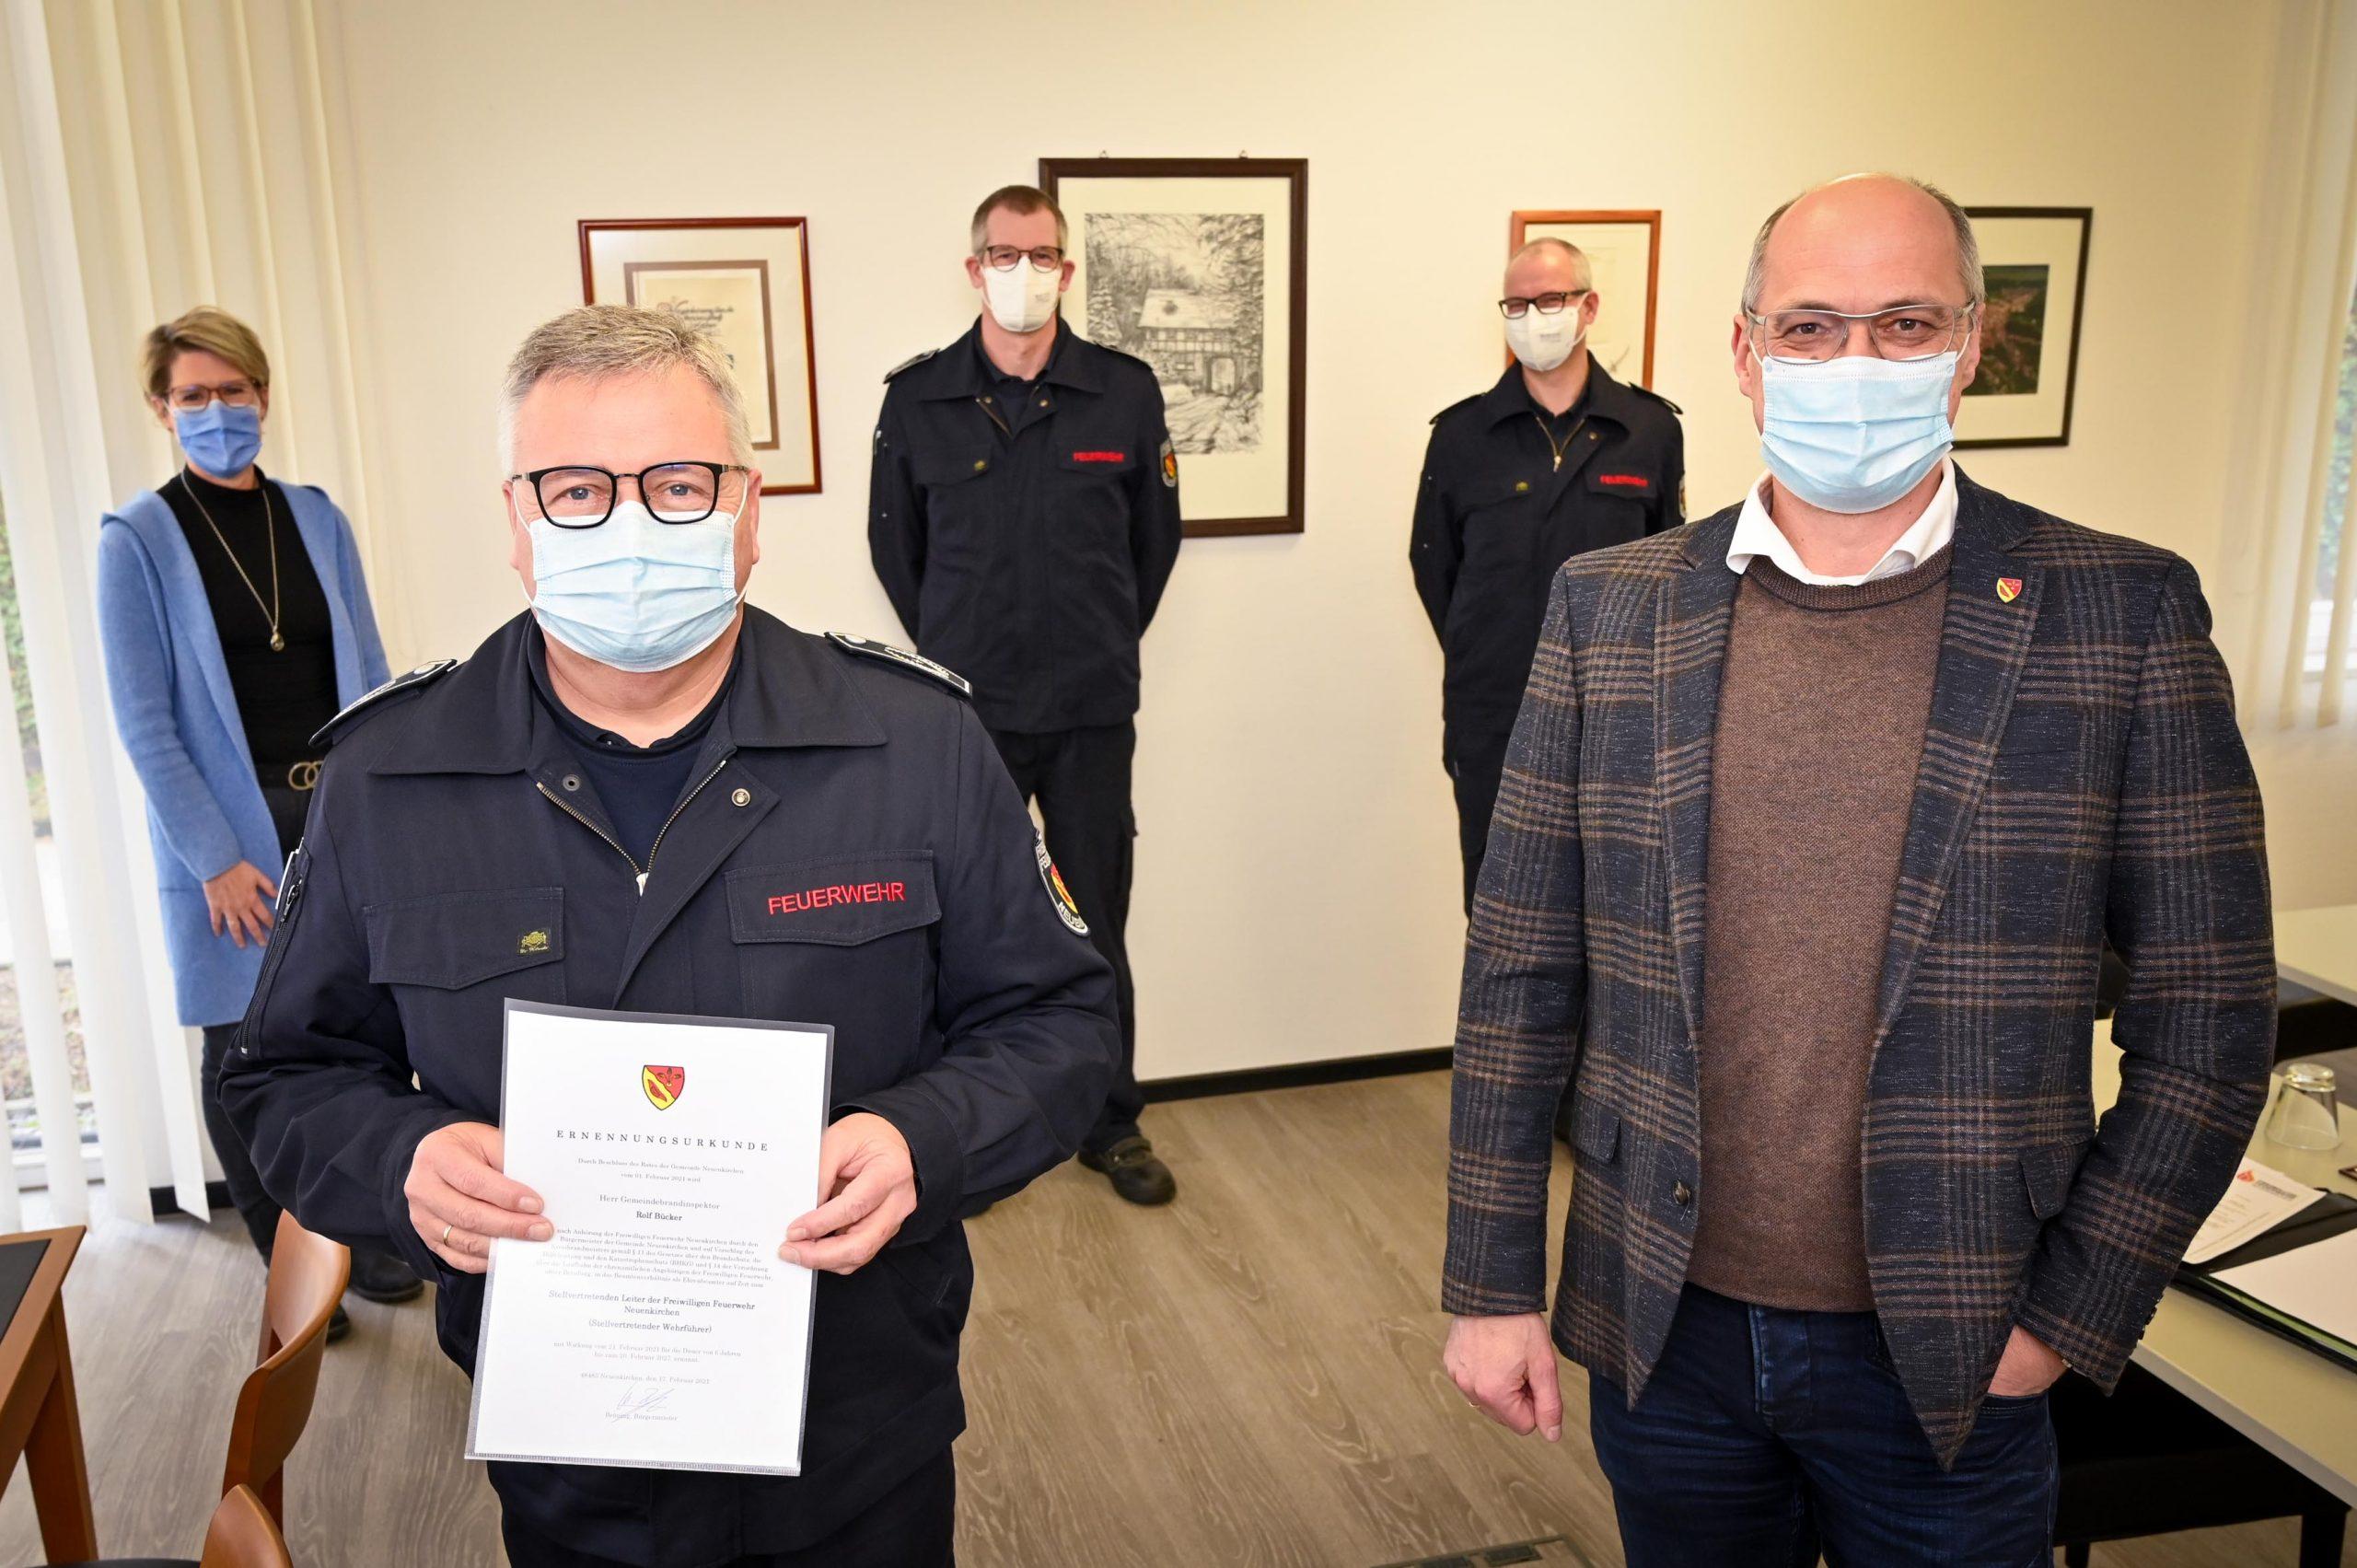 Gemeindebrandinspektor Rolf Bücker (l.) wurde von Bürgermeister Willi Brüning (r.) erneut für sechs Jahre zum stellvertretenden Leiter der Feuerwehr ernannt. Im Hintergrund (v.l): Ordnungsamtsleiterin Birgit Brüning, Berthold Perick (stv. Leiter der Feuerwehr) und Ralf Stoltmann (Leiter der Feuerwehr).